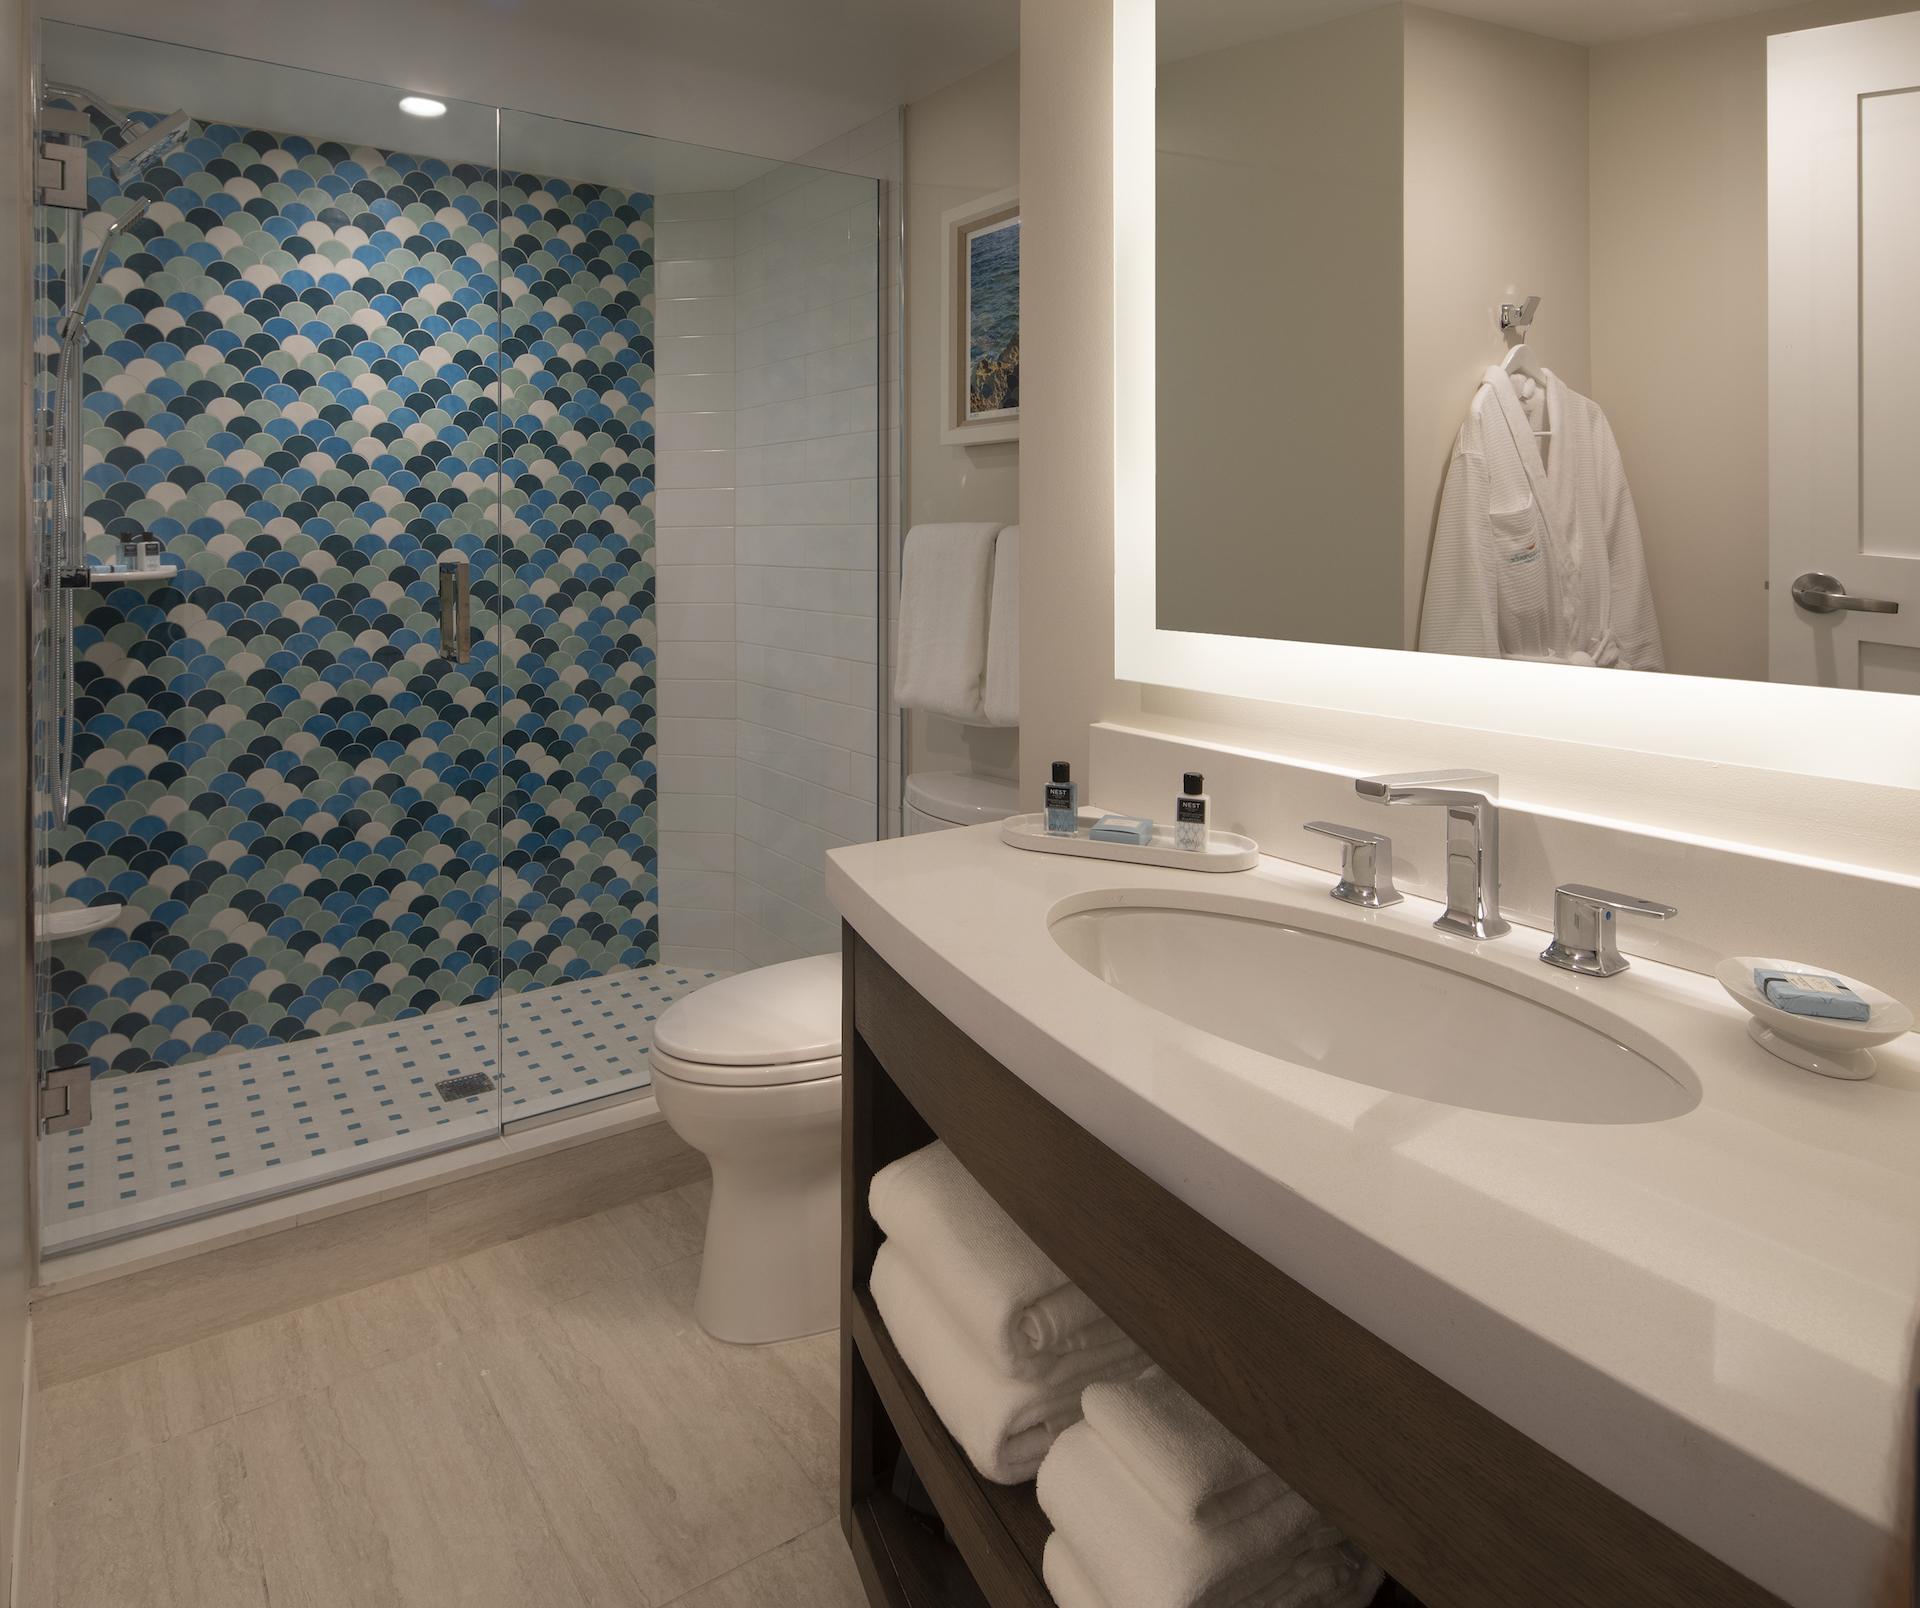 The Laureate Key West guest room bathroom